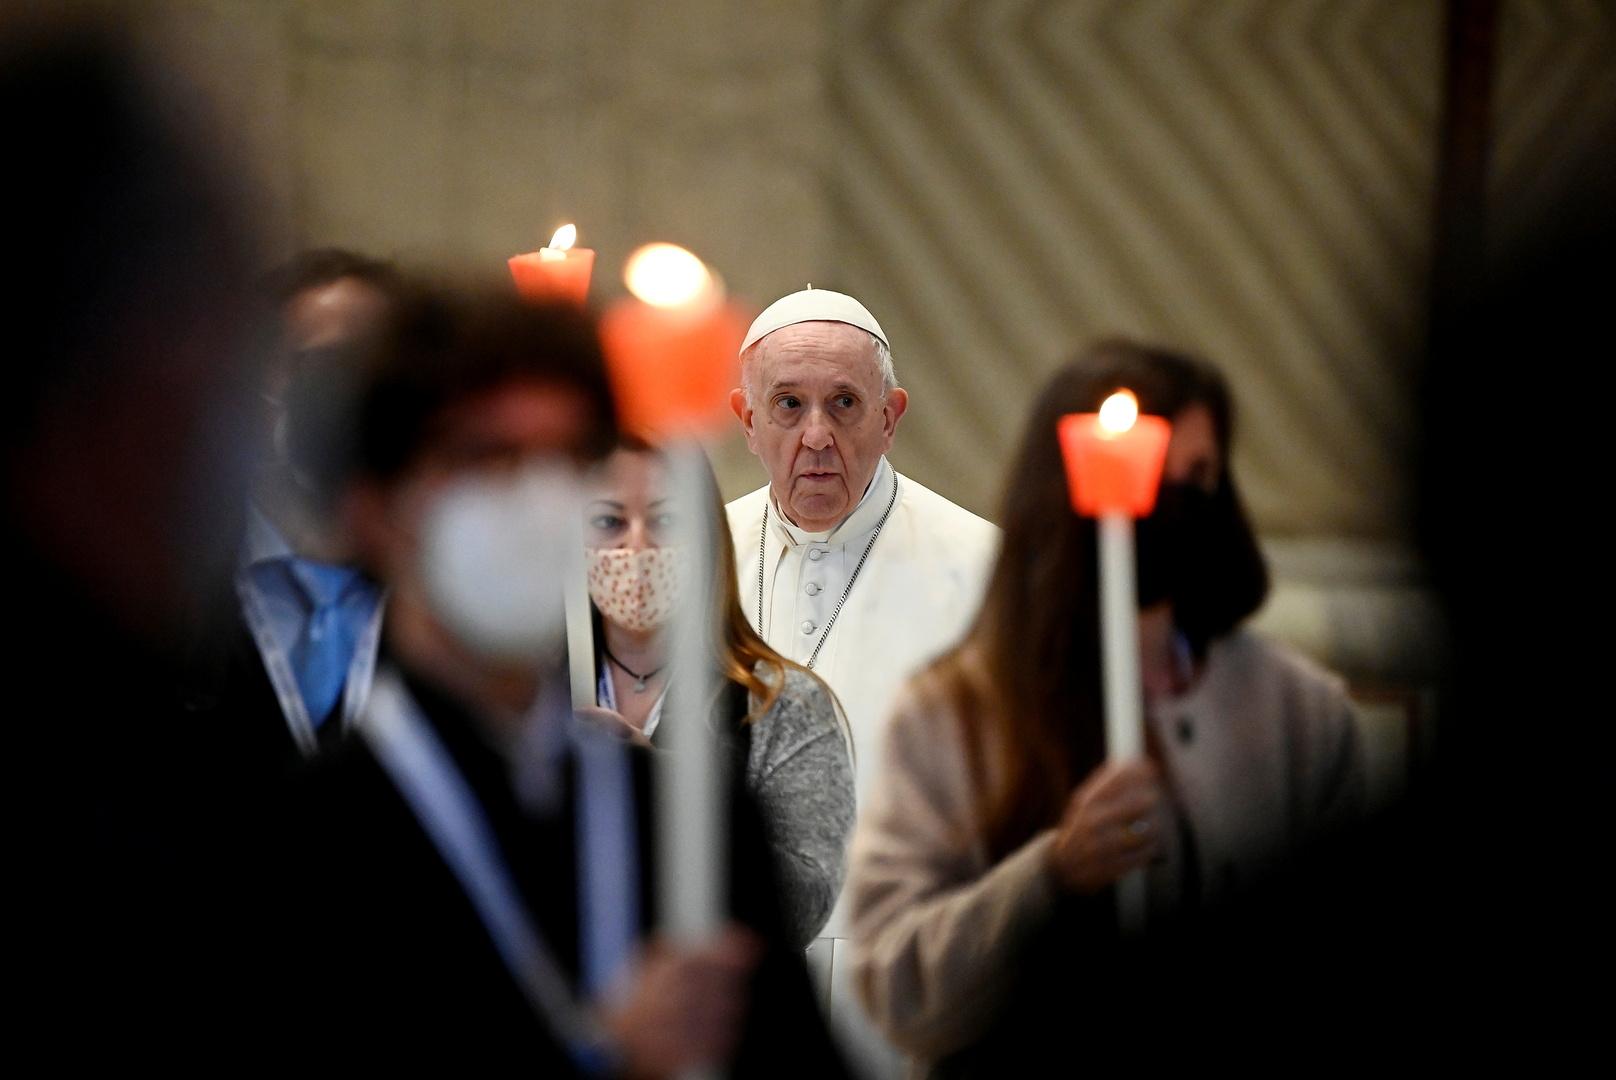 الفاتيكان.. توجيه اتهامات ضد 10 أشخاص بينهم كاردينال بجرائم مختلفة